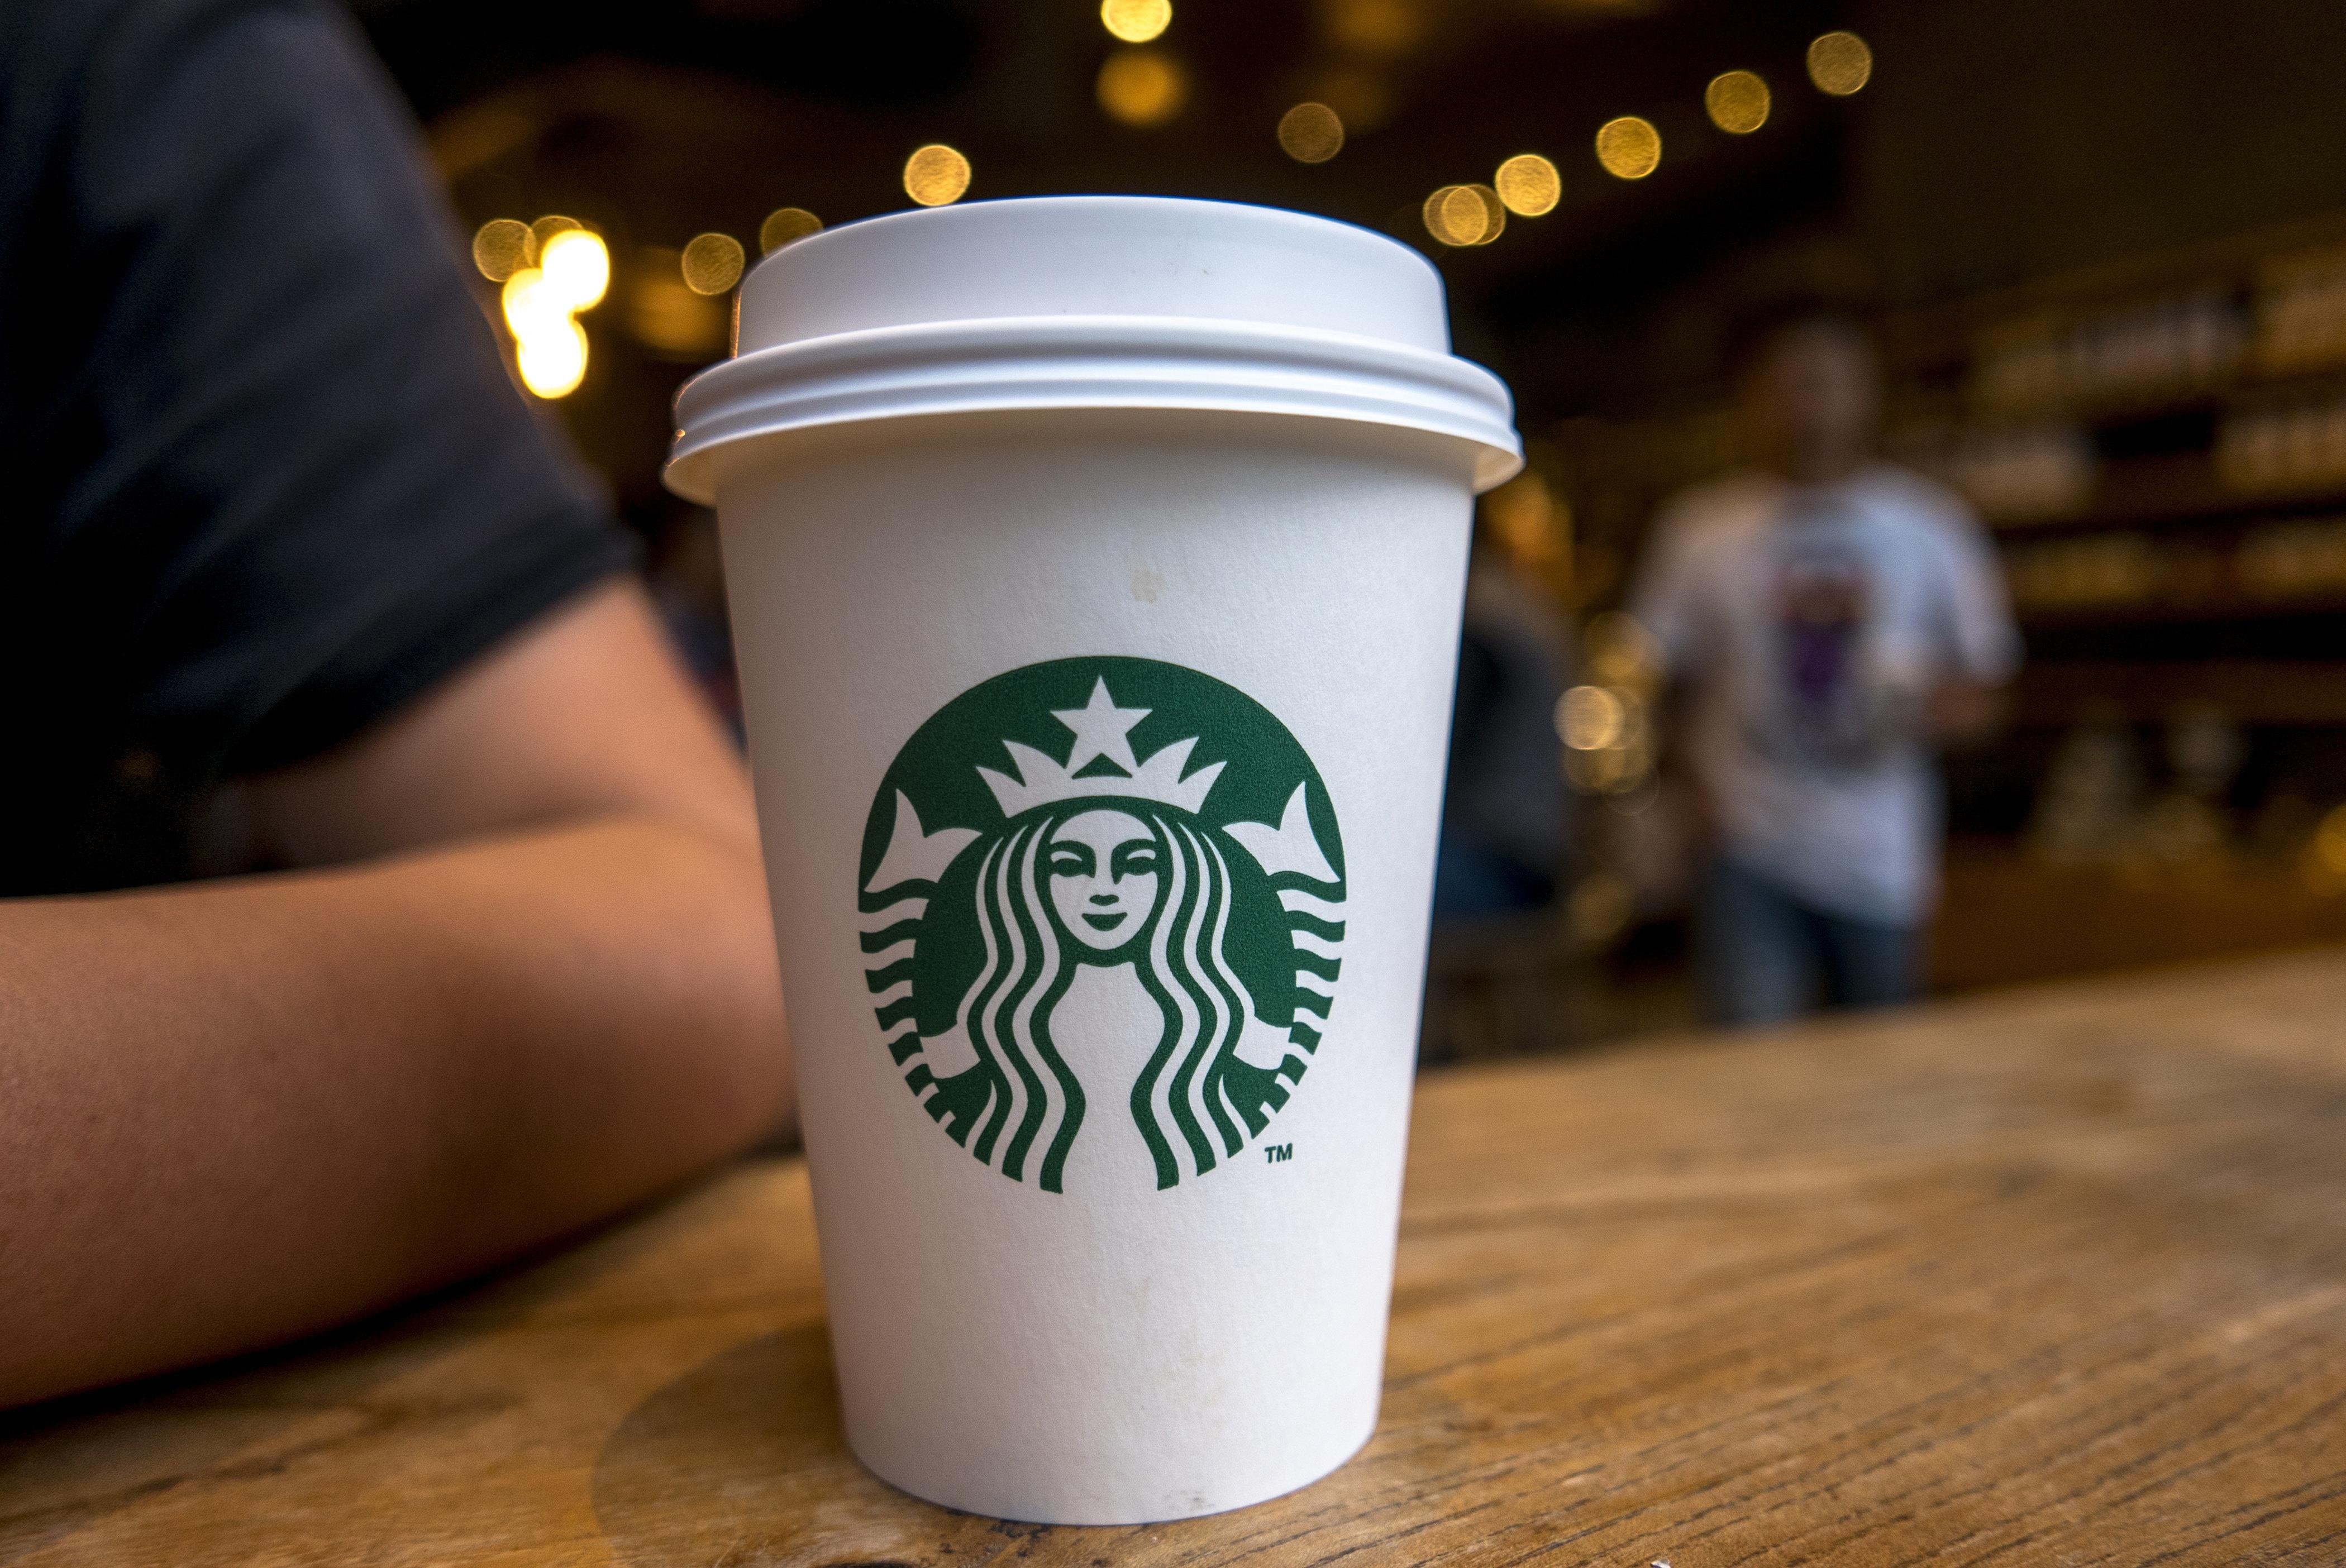 캘리포니아 내 스타벅스는 앞으로 컵에 '발암물질 경고문'을 붙여야